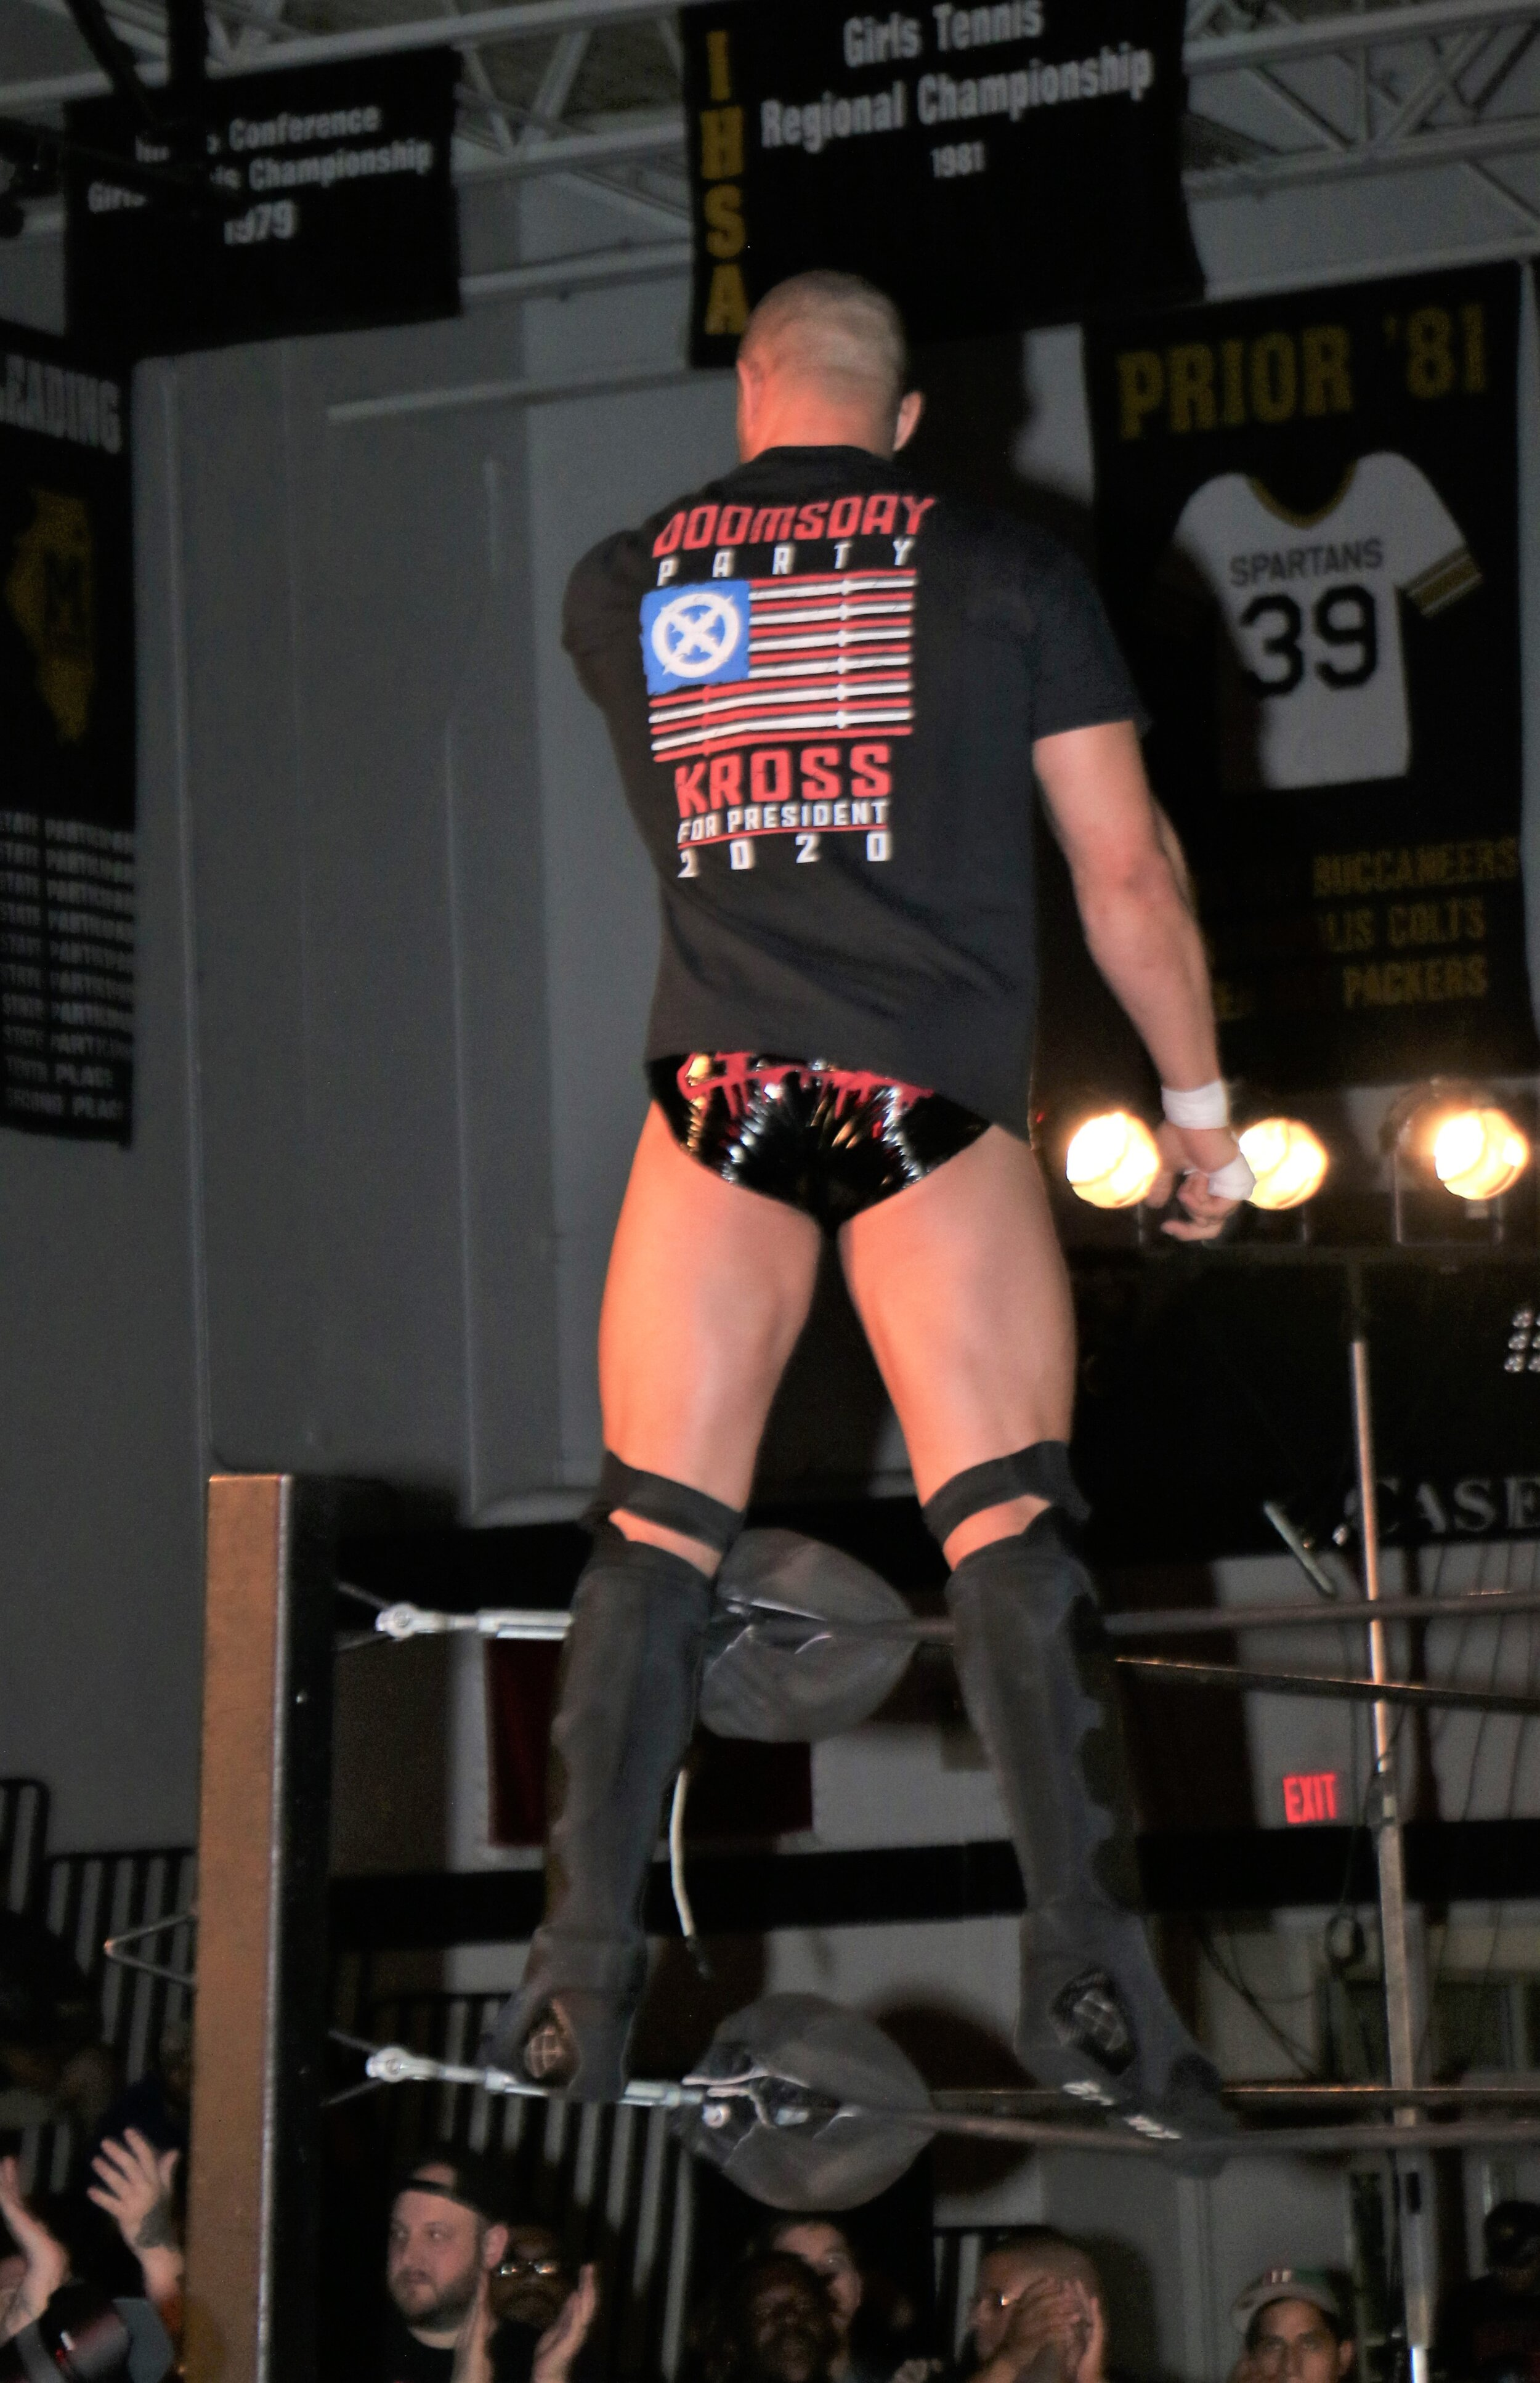 Killer Kross enters the ring.